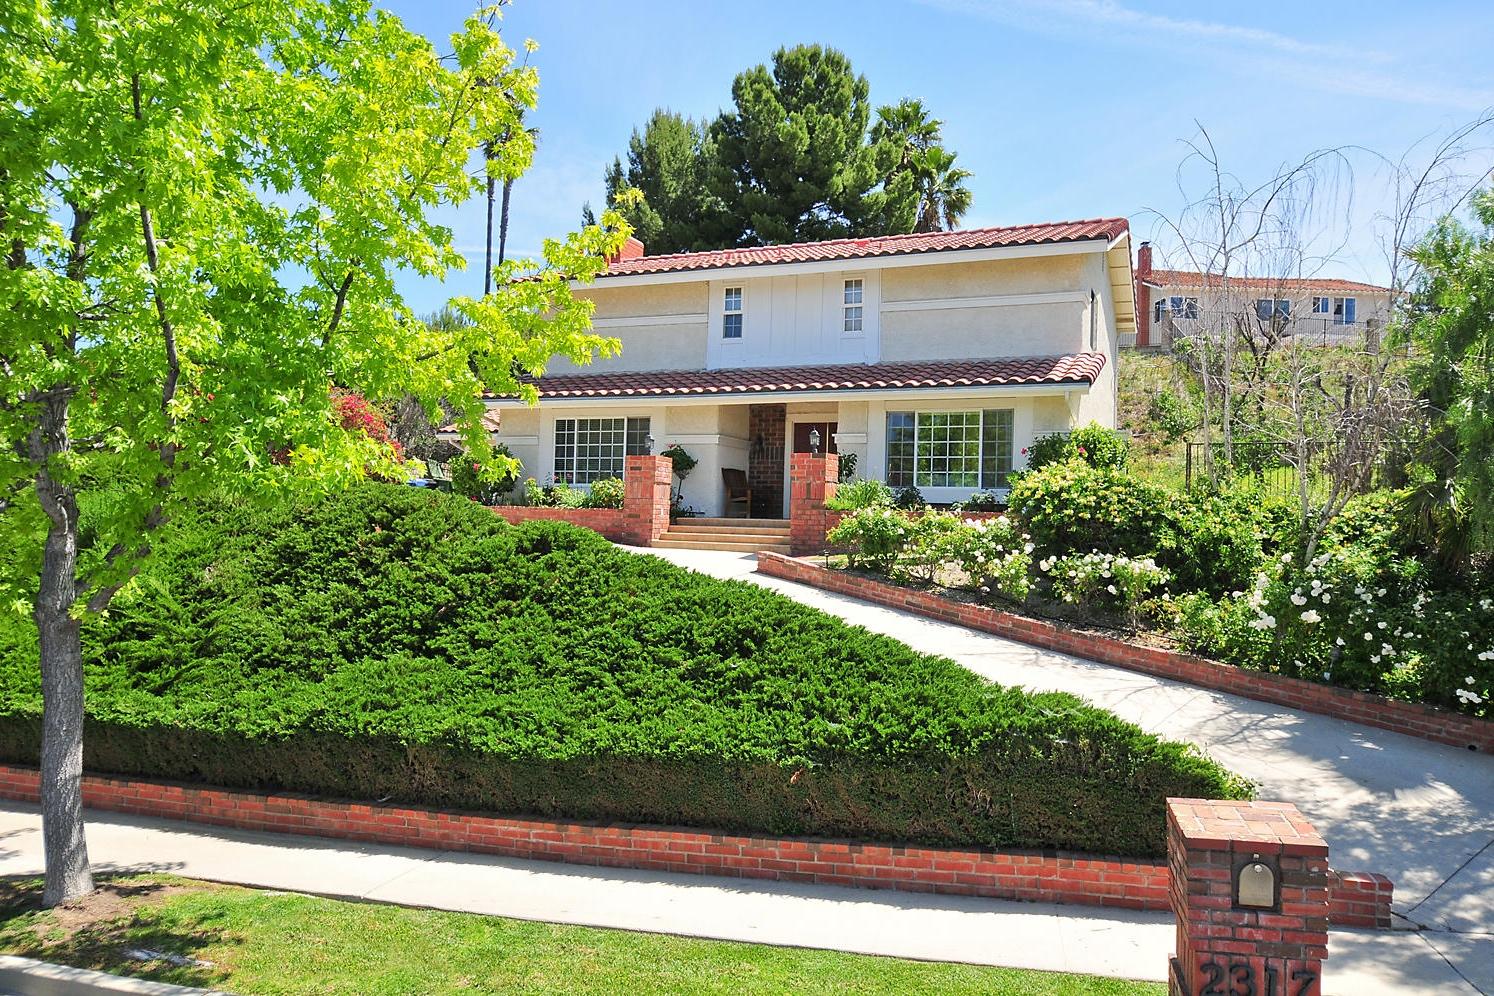 2317 Otono Cir. Thousand Oaks, CA Closed/ Listed at $740,000